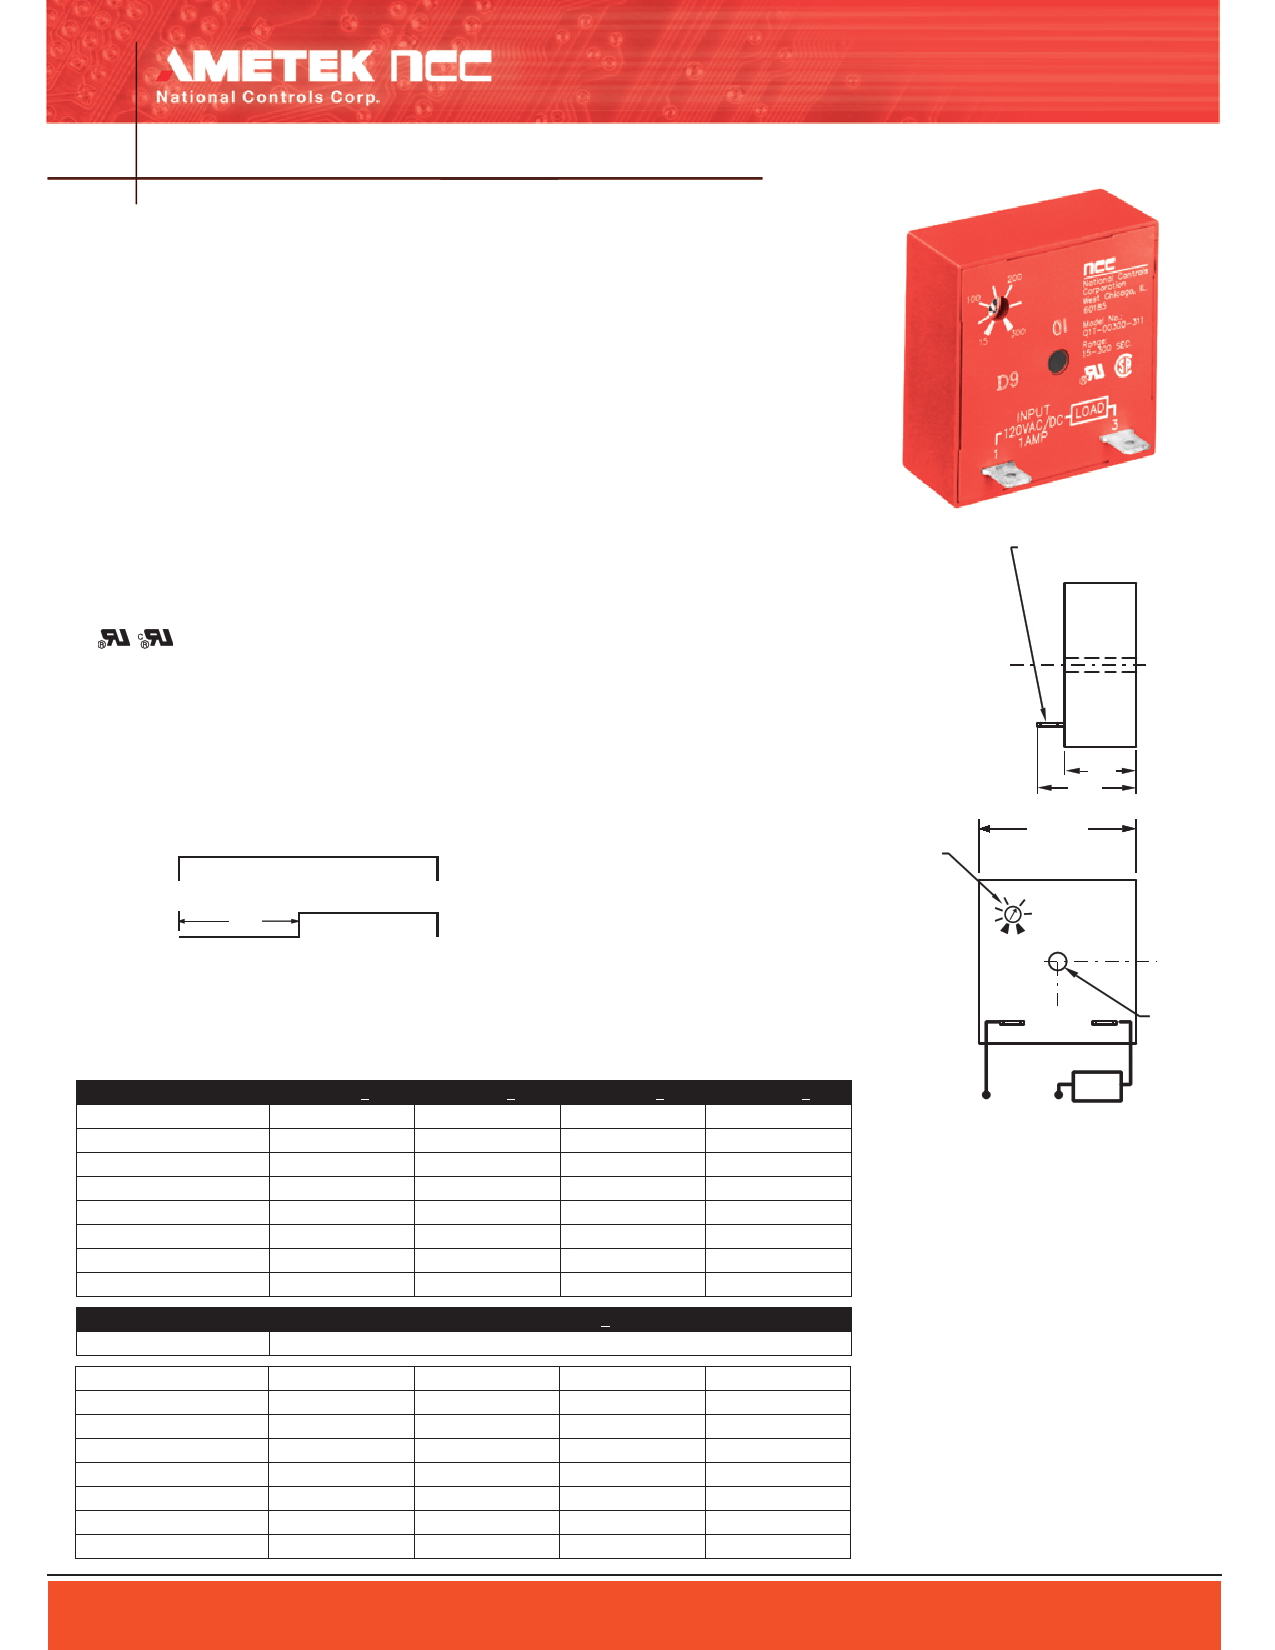 Q1T-00005-311 datasheet